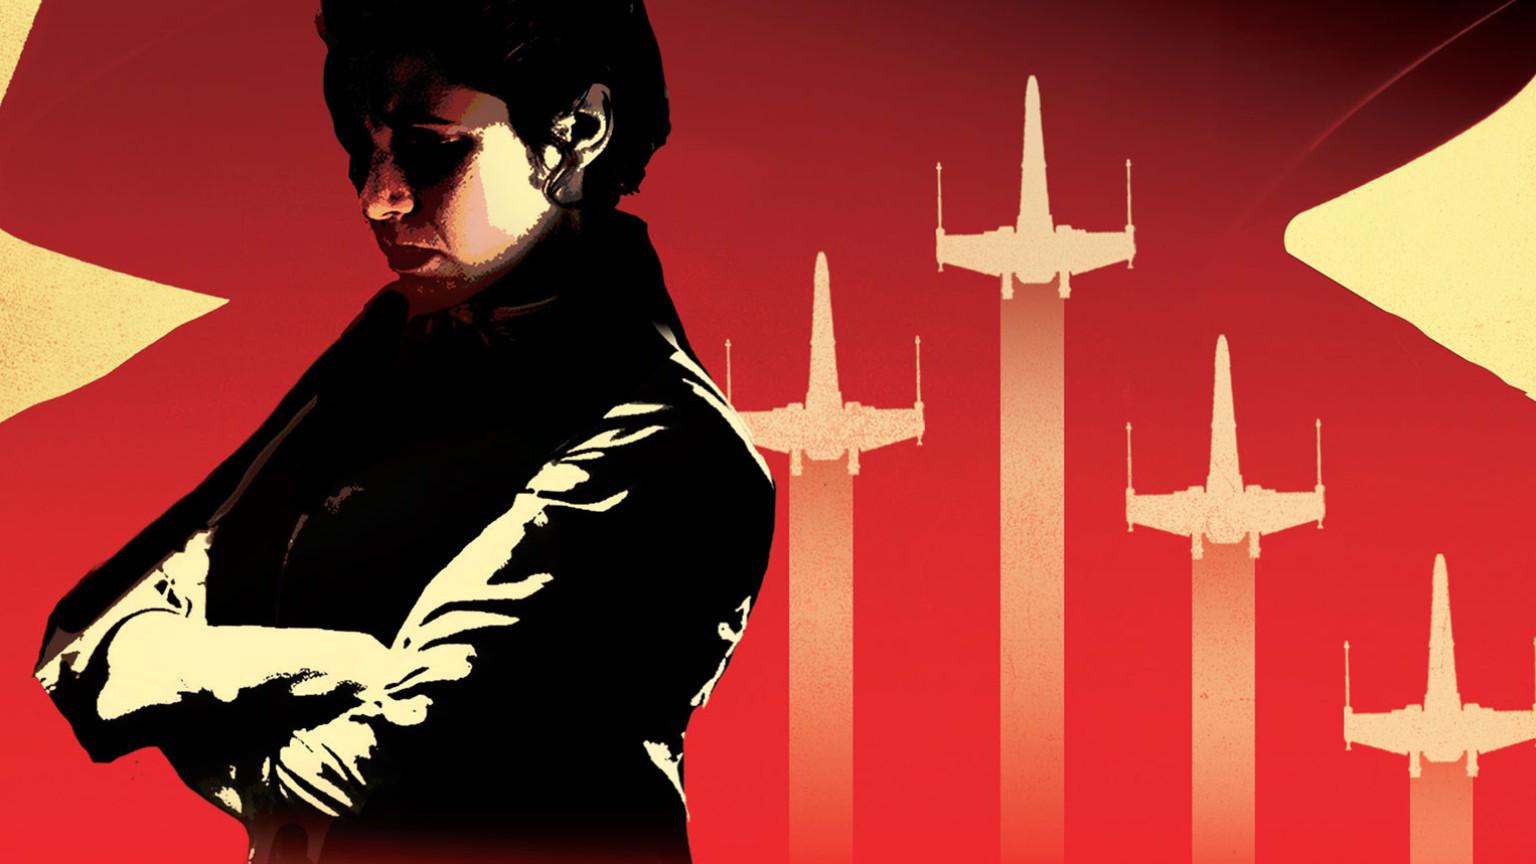 Znamy sceny Lei Organy ze Star Wars: Episode VIII oraz Star Wars: Episode IX!